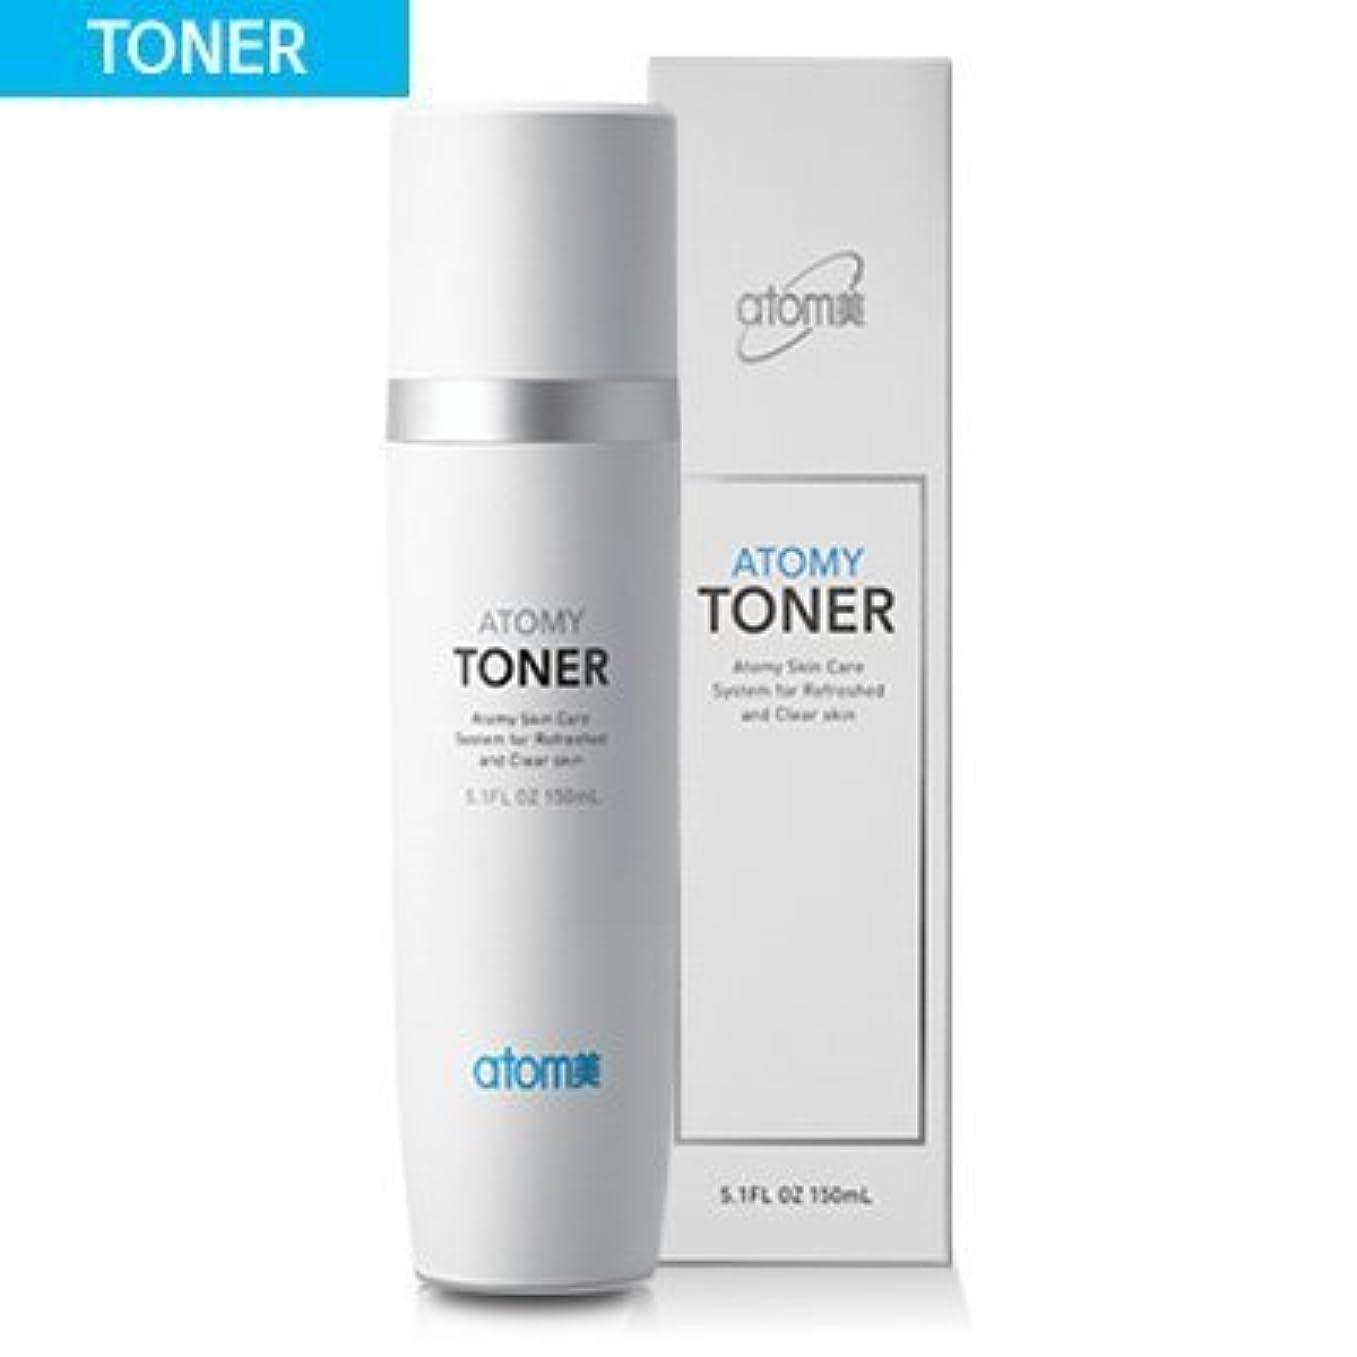 傾向があります囲むつばAtomi Atomy Atom美 アトミ アトミ化粧水 Skin